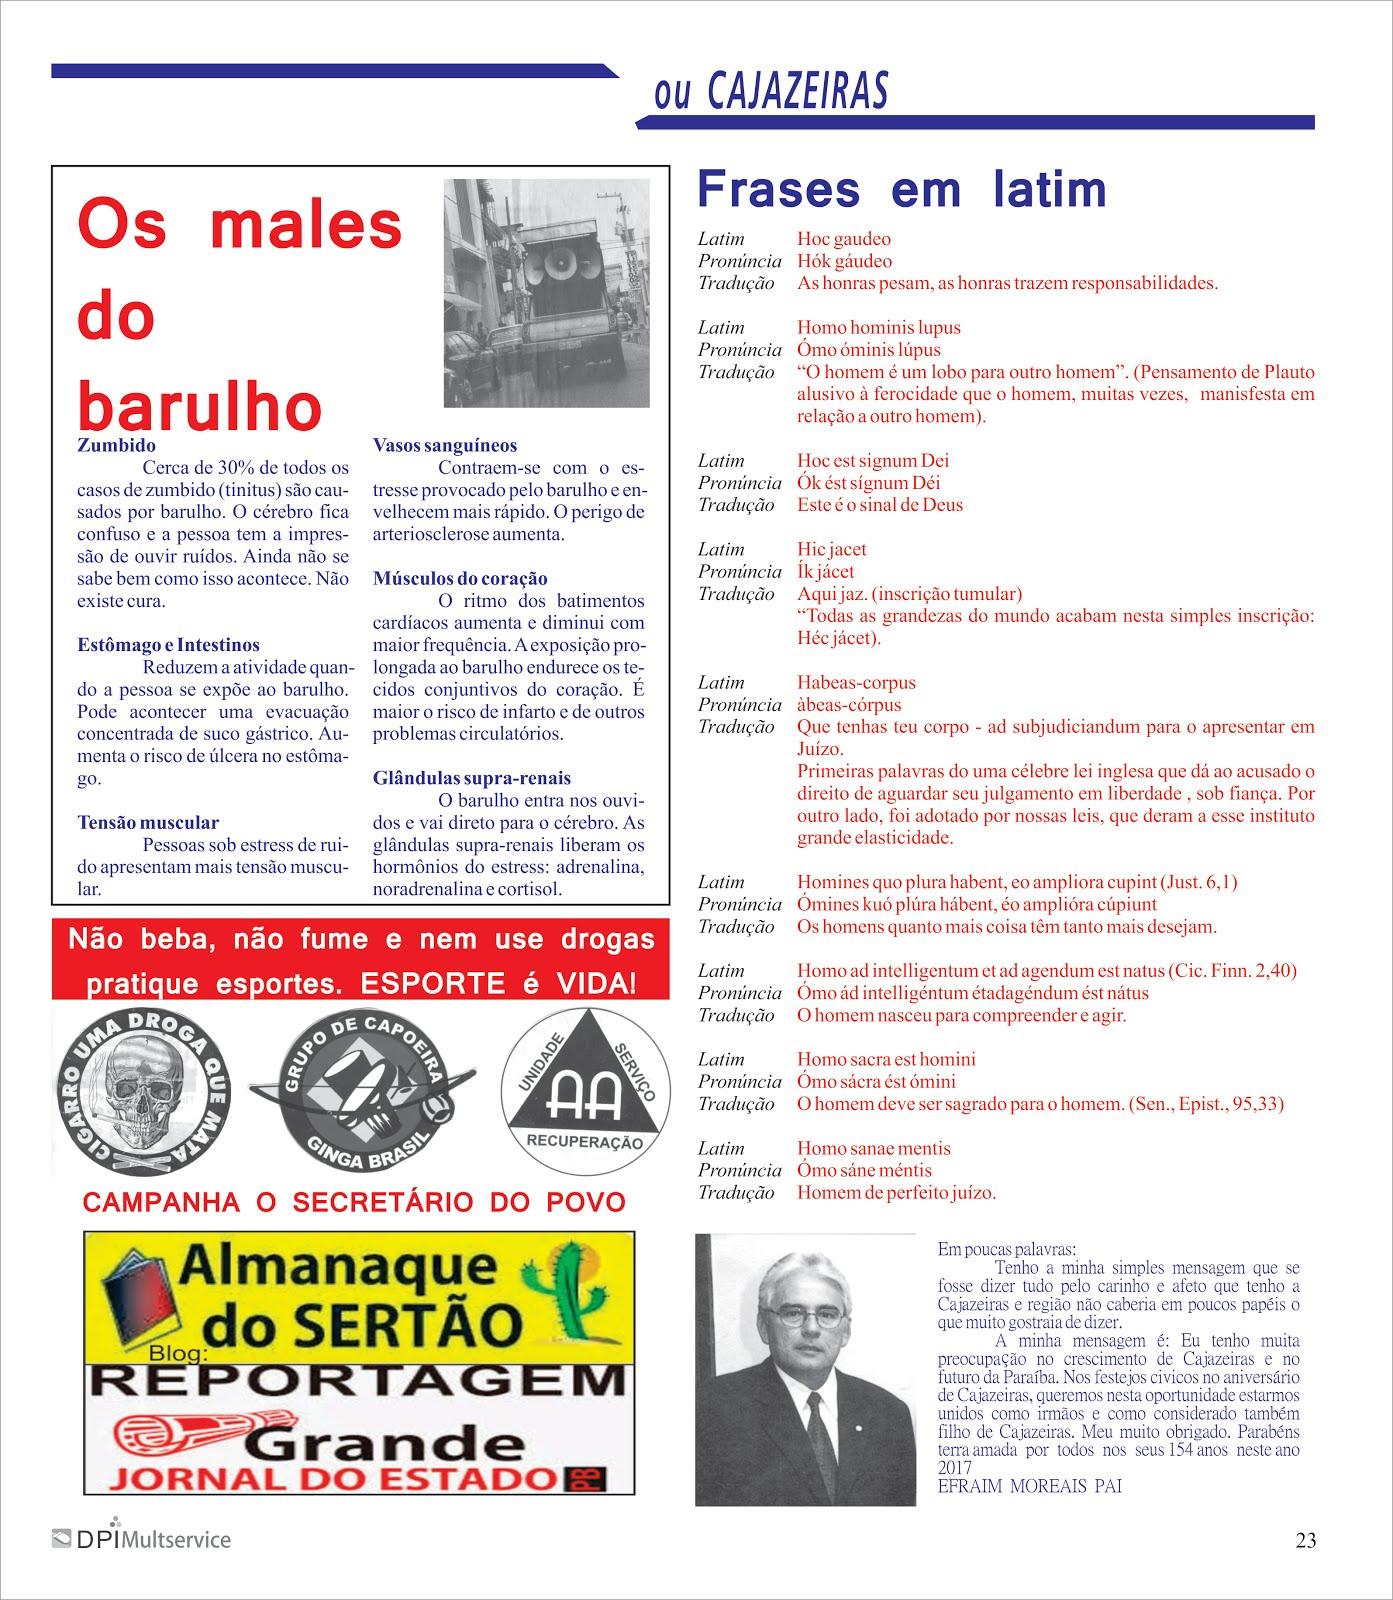 O JORNALISMO FAZENDO HISTÓRIA  NO DIA A DIA NAS CIDADES  E NO ESTADO